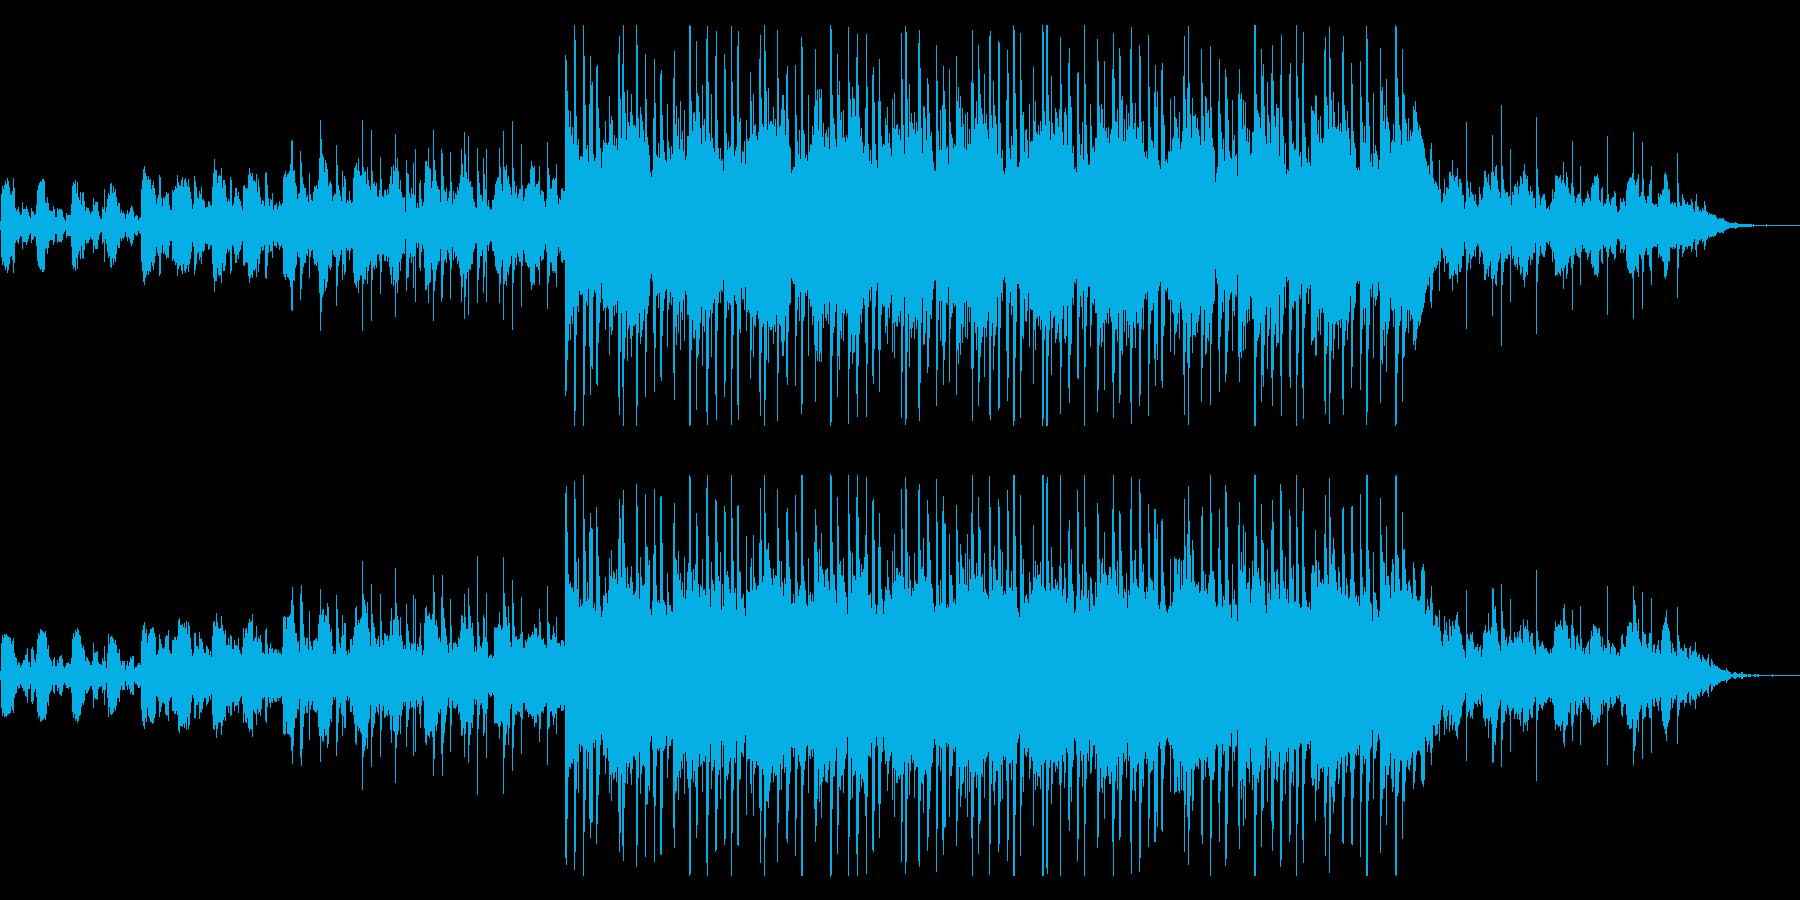 明るくて可愛らしいメロディーの再生済みの波形